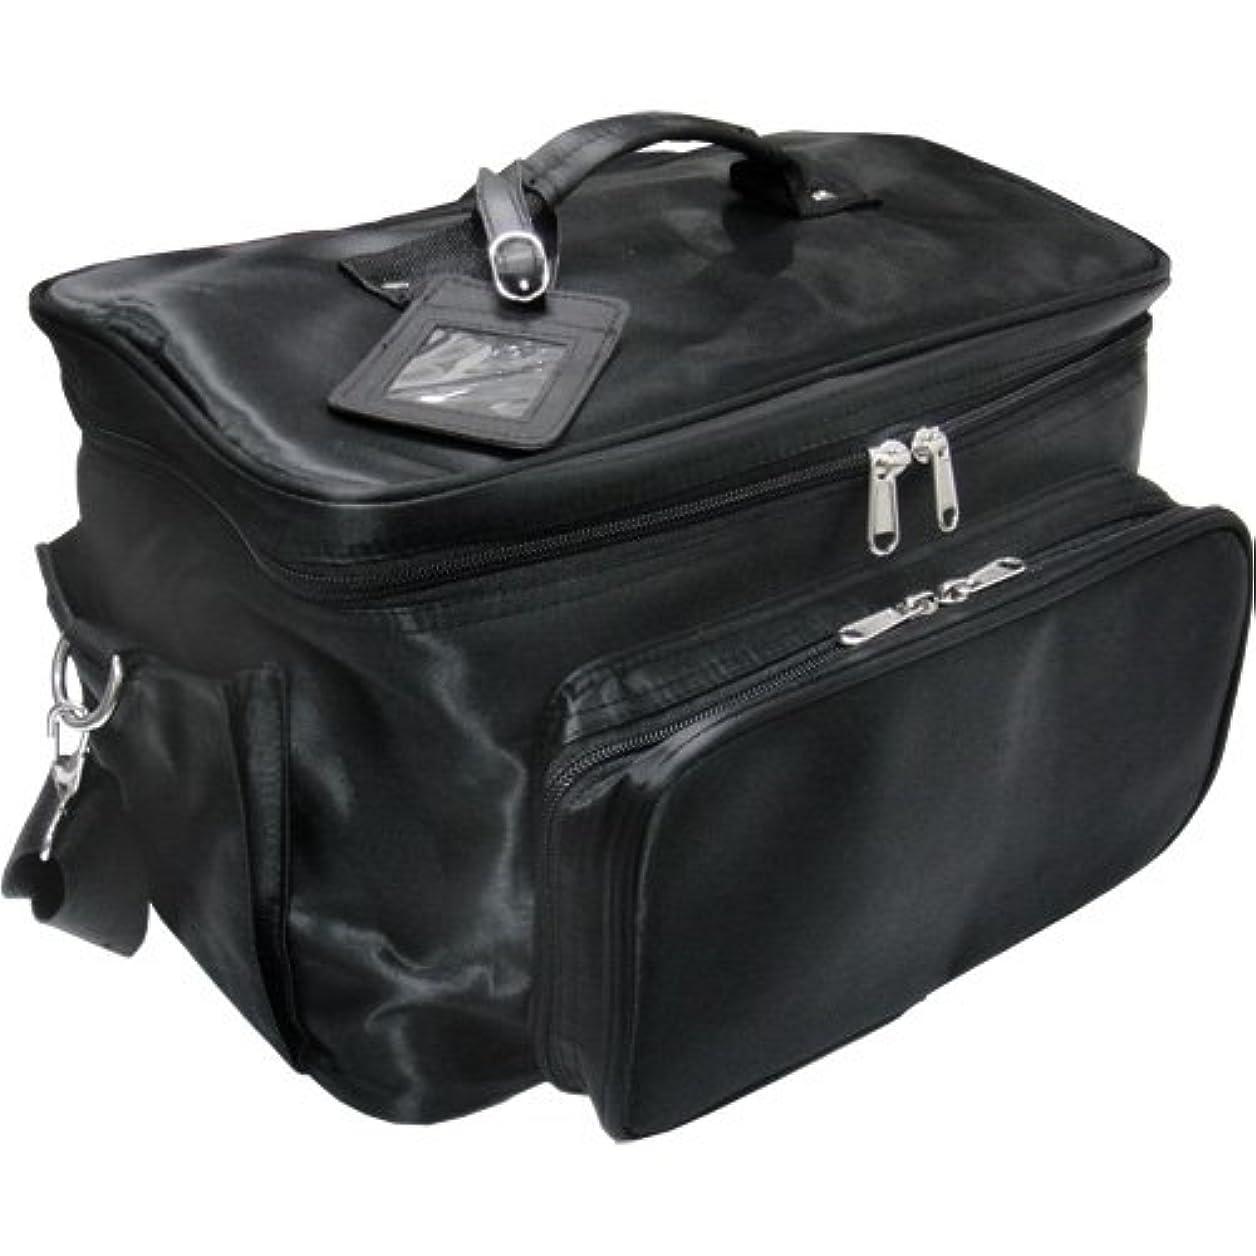 生むアルプス知っているに立ち寄る軽量バニティーバック ブラック コスメバッグ、ネイルバッグ、ネイリストバッグ、ナイロンコスメボックス